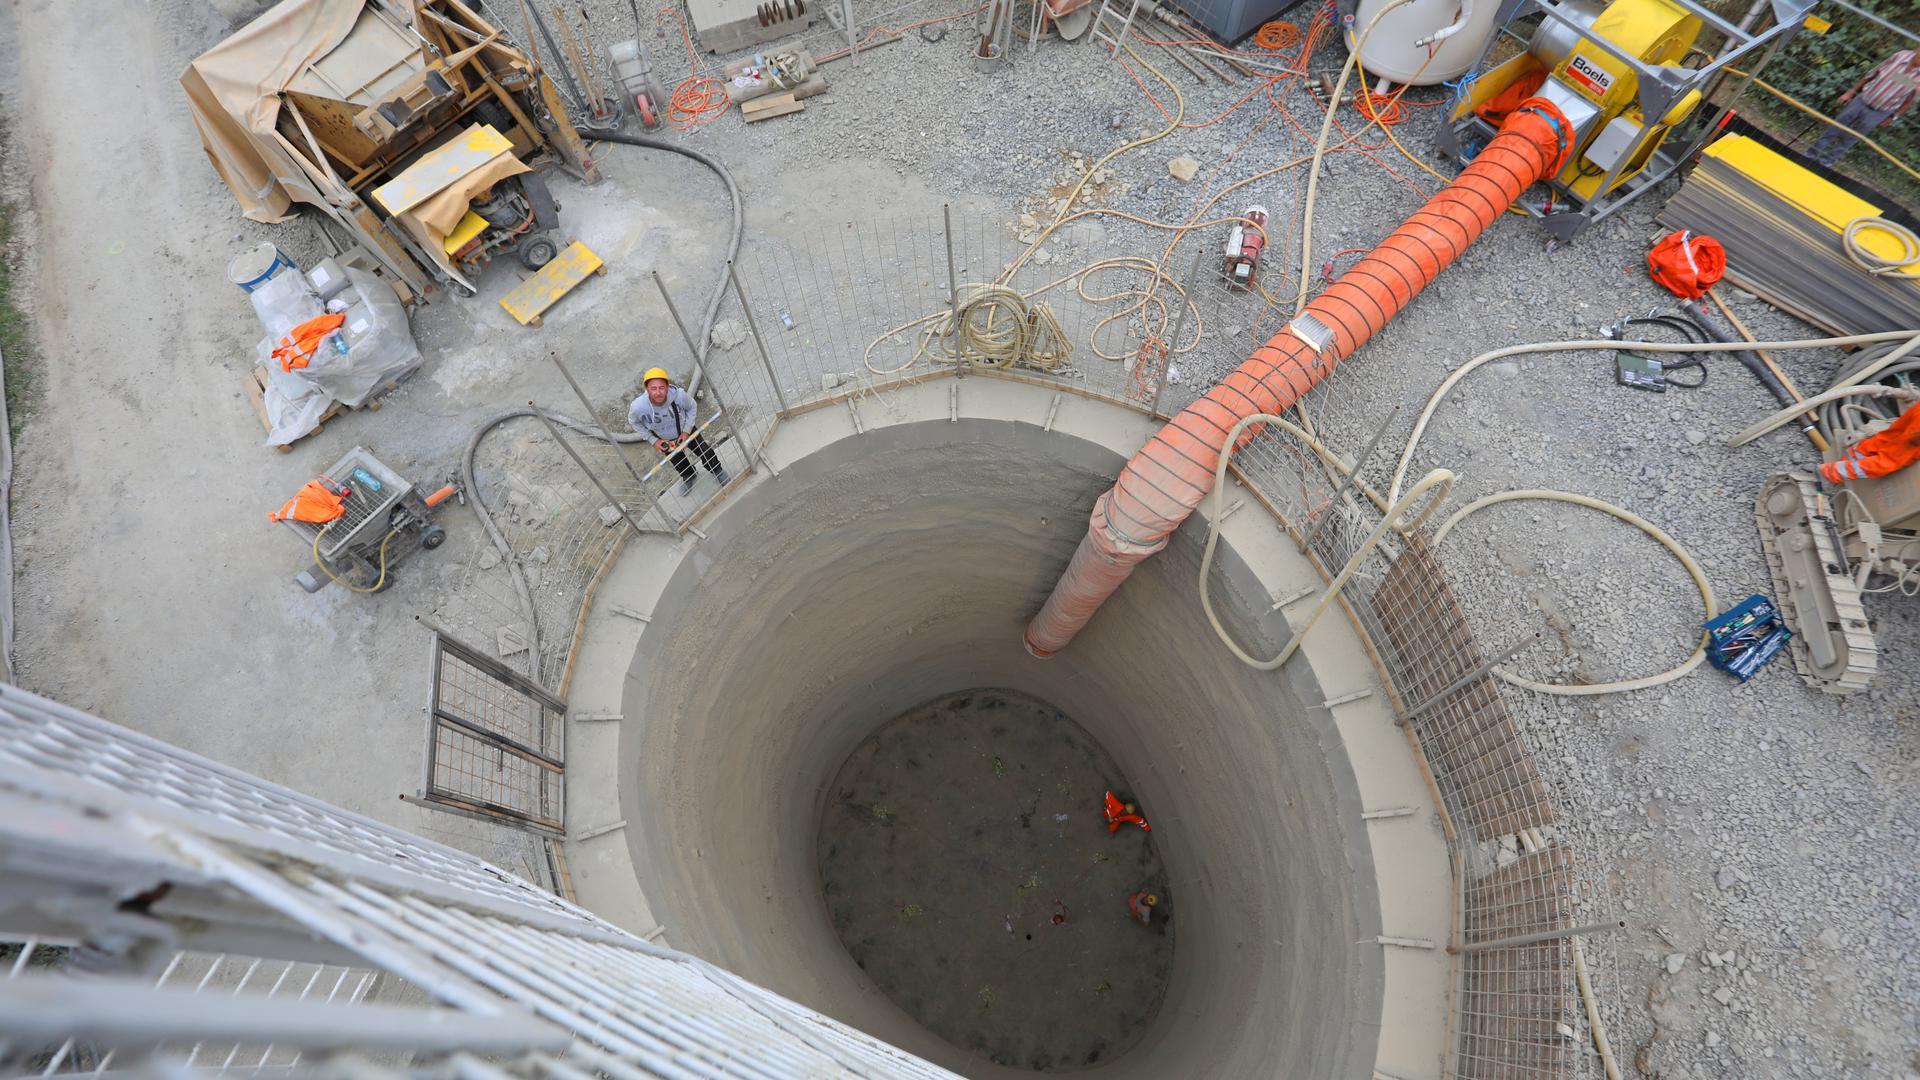 Der Entlüftungsschacht für den Arlingertunnel entsteht. Das Loch ist derzeit gut zehn Meter tief, weit unten stehen zwei Männer darin. Oben ist das Loch abgezäunt, Baugeräte und weitere Arbeiter stehen darum herum.